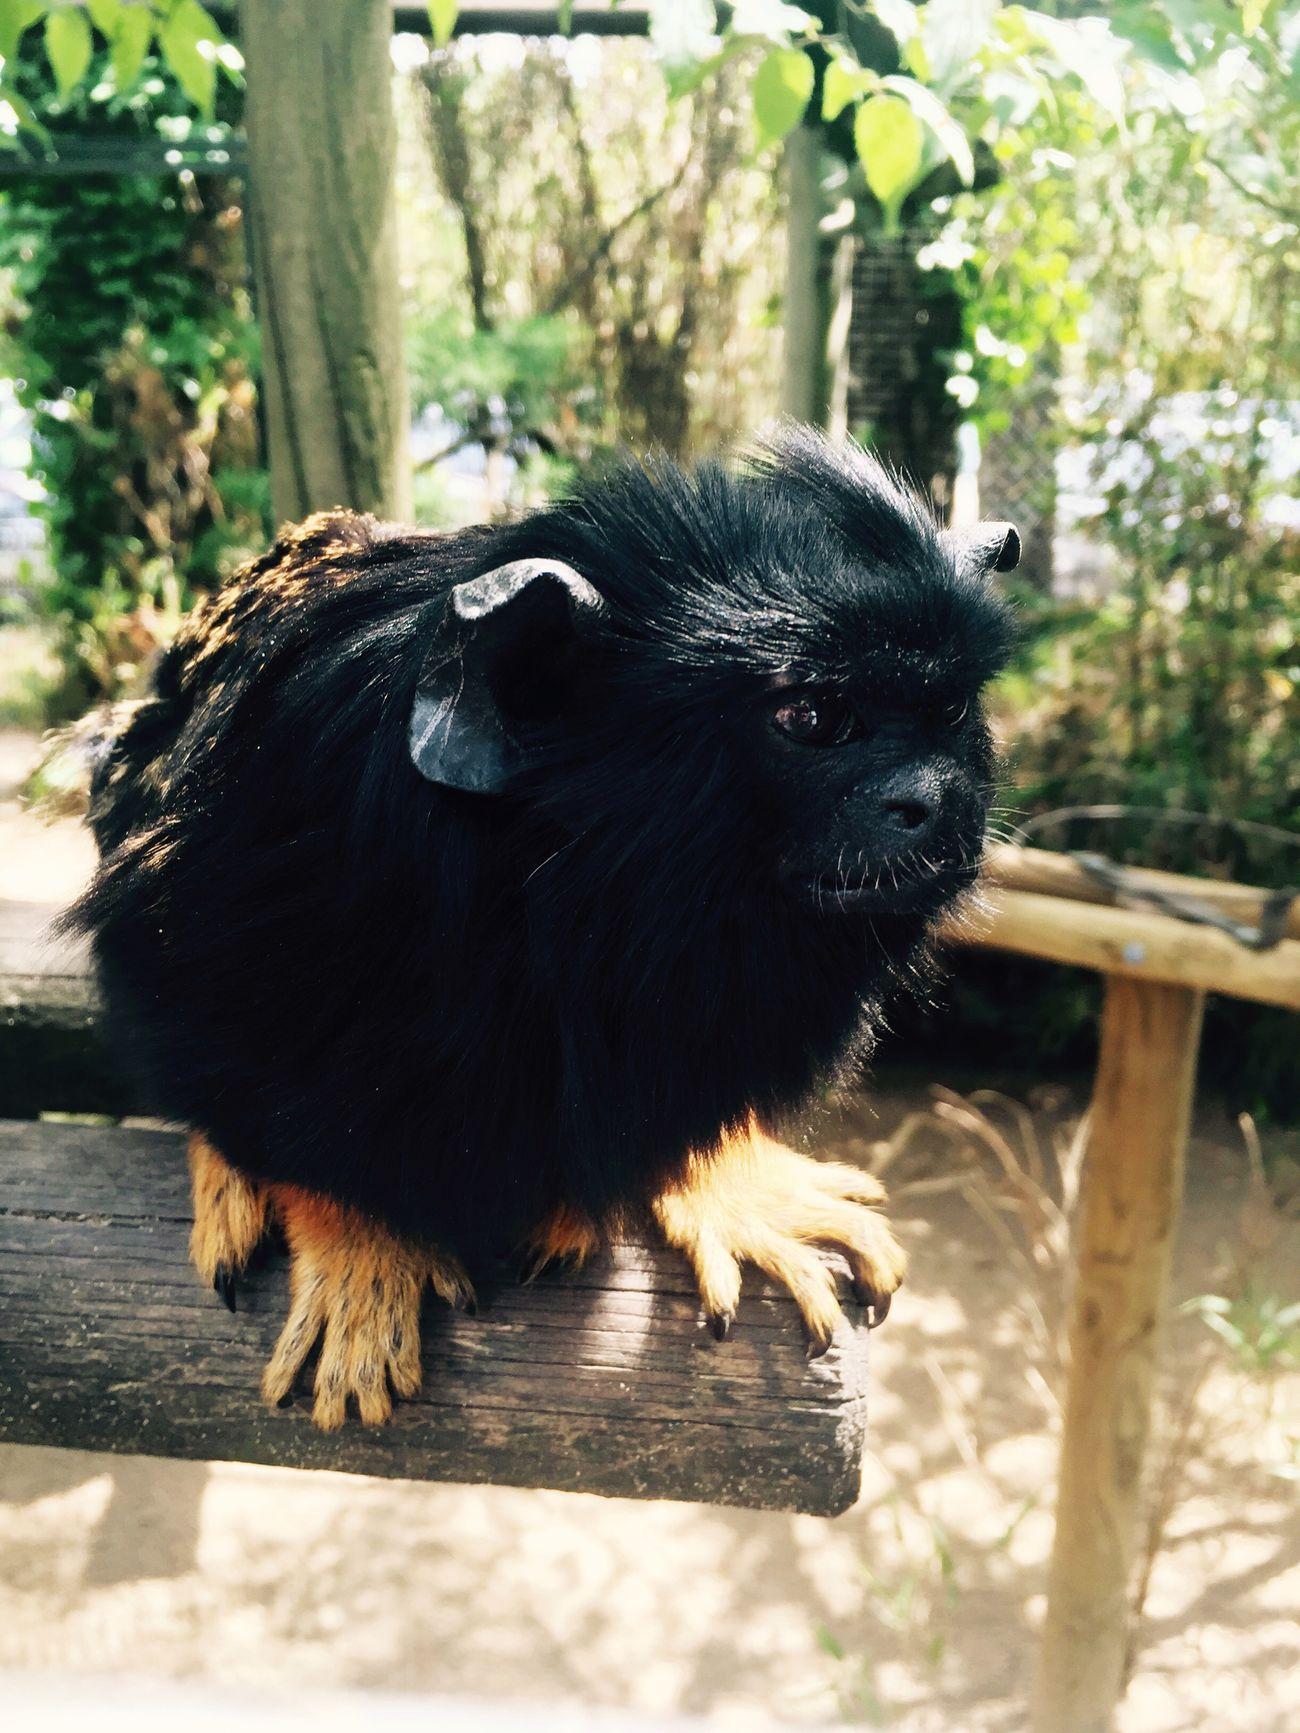 Cute Monkey Zoodelapalmyre